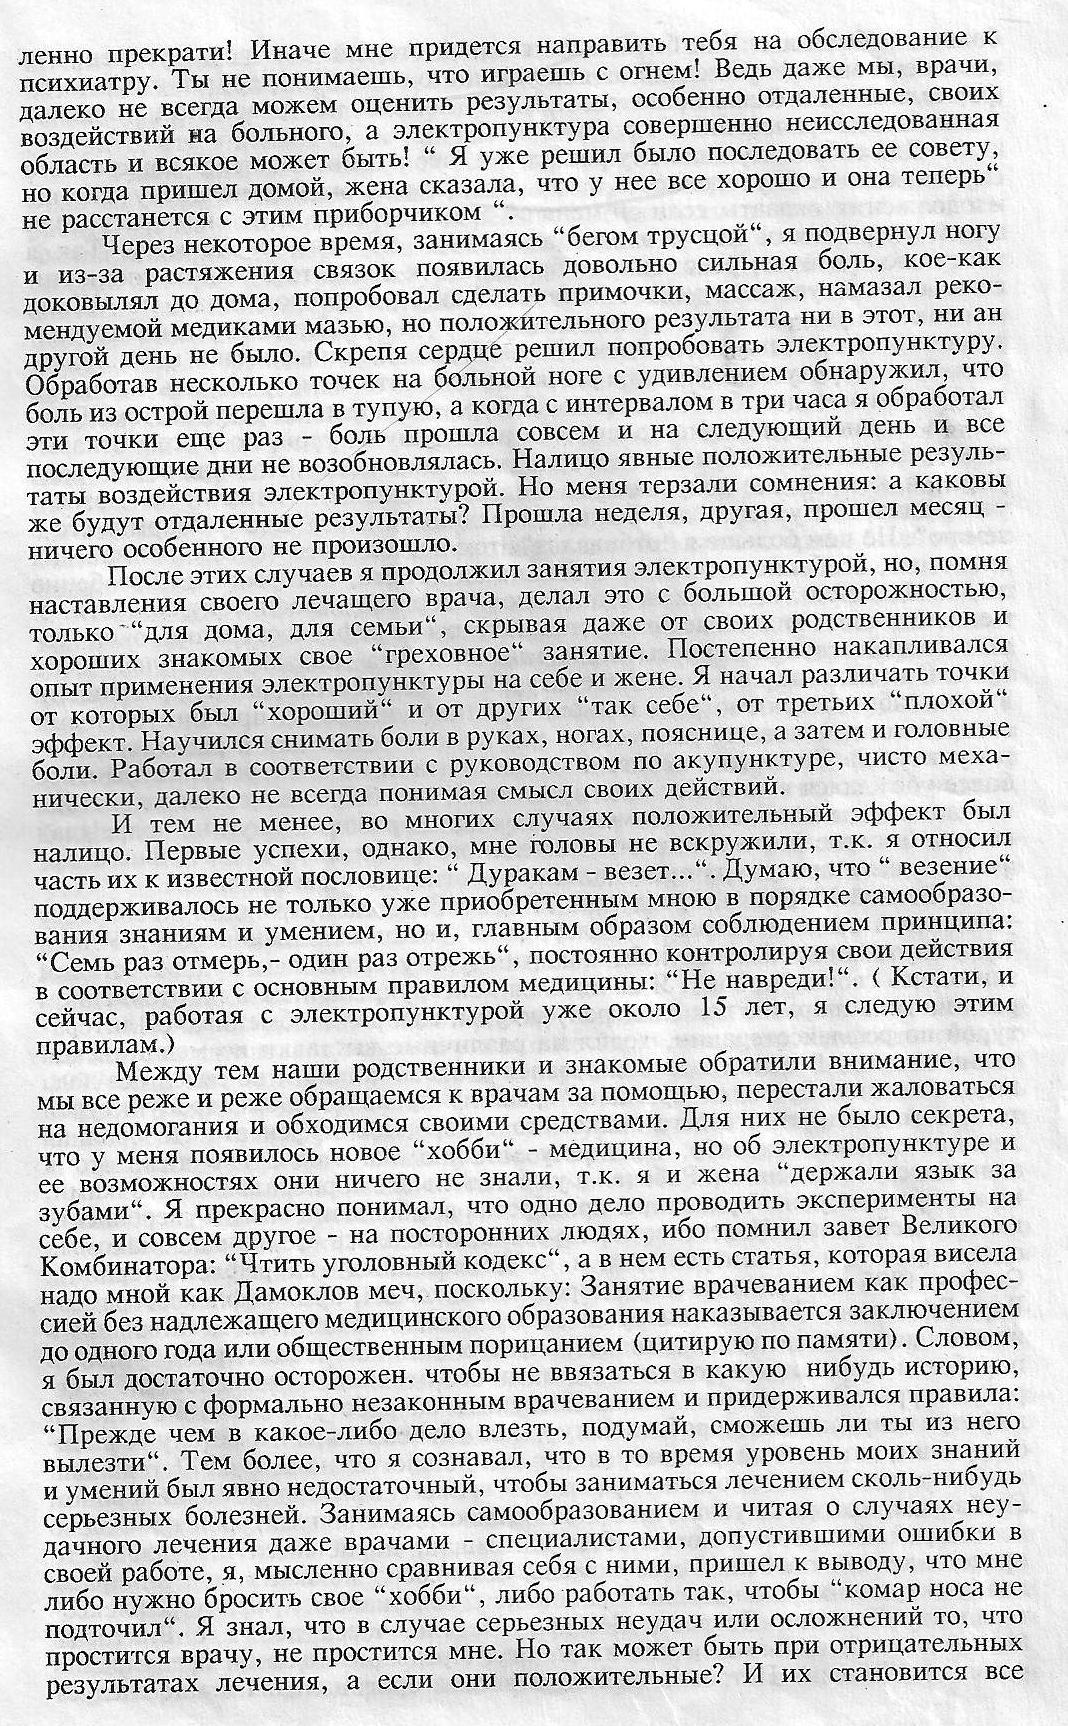 http://s3.uploads.ru/3AN1s.jpg